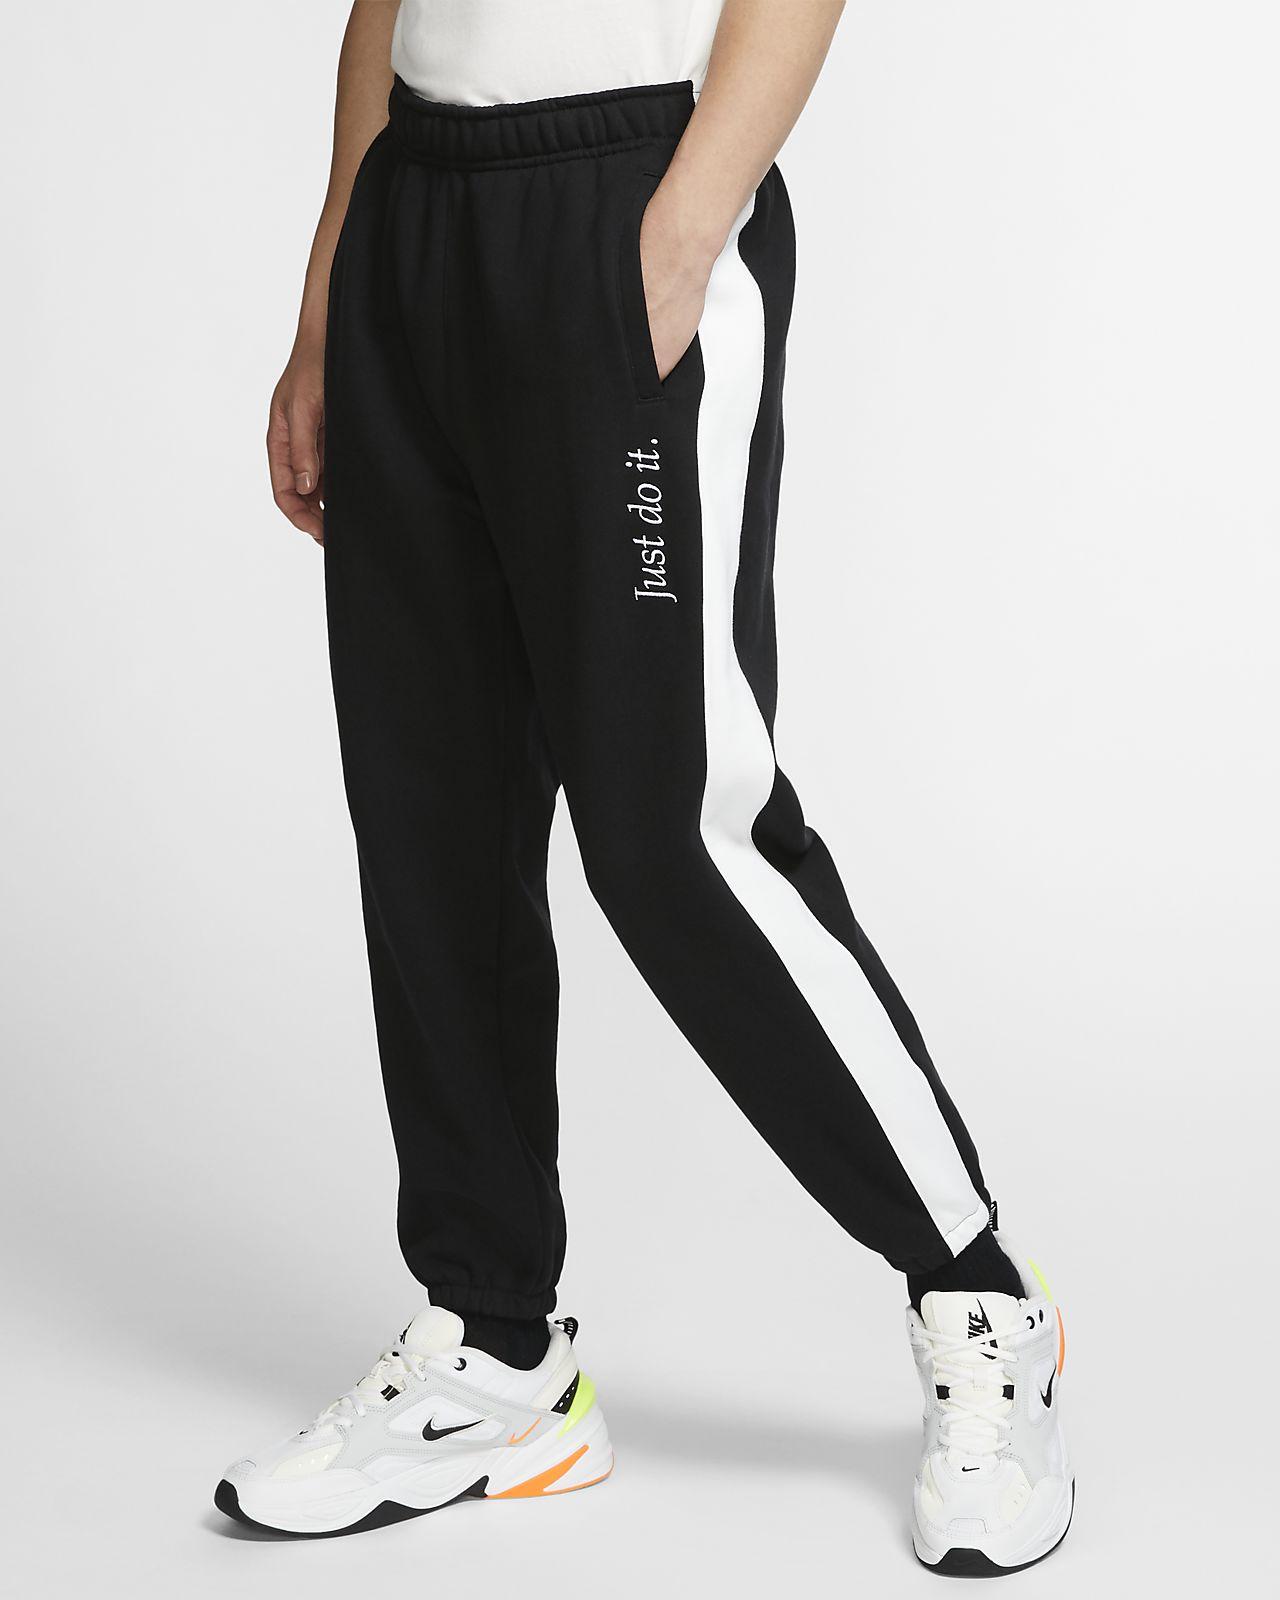 Nike Sportswear JDI 男子长裤